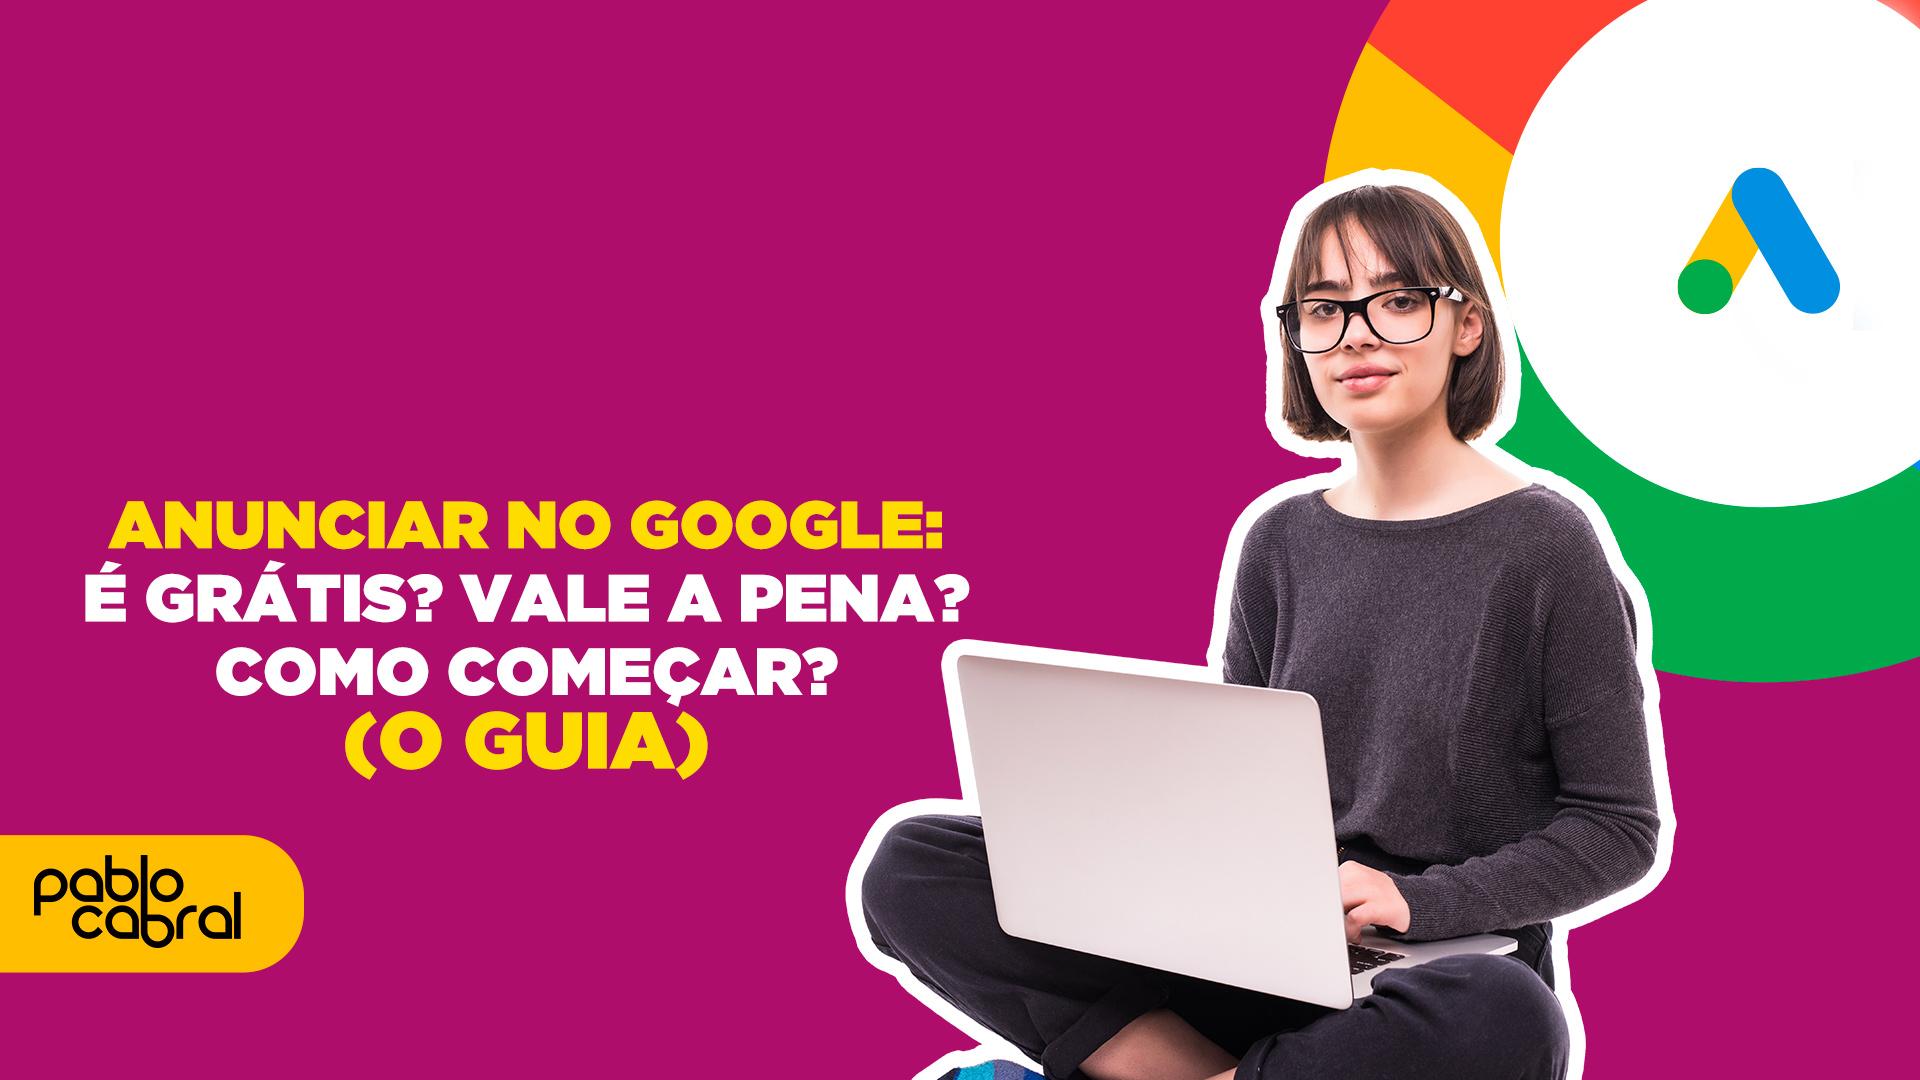 anunciar-no-google-e-gratis-vale-a-pena-como-comecar-o-guia